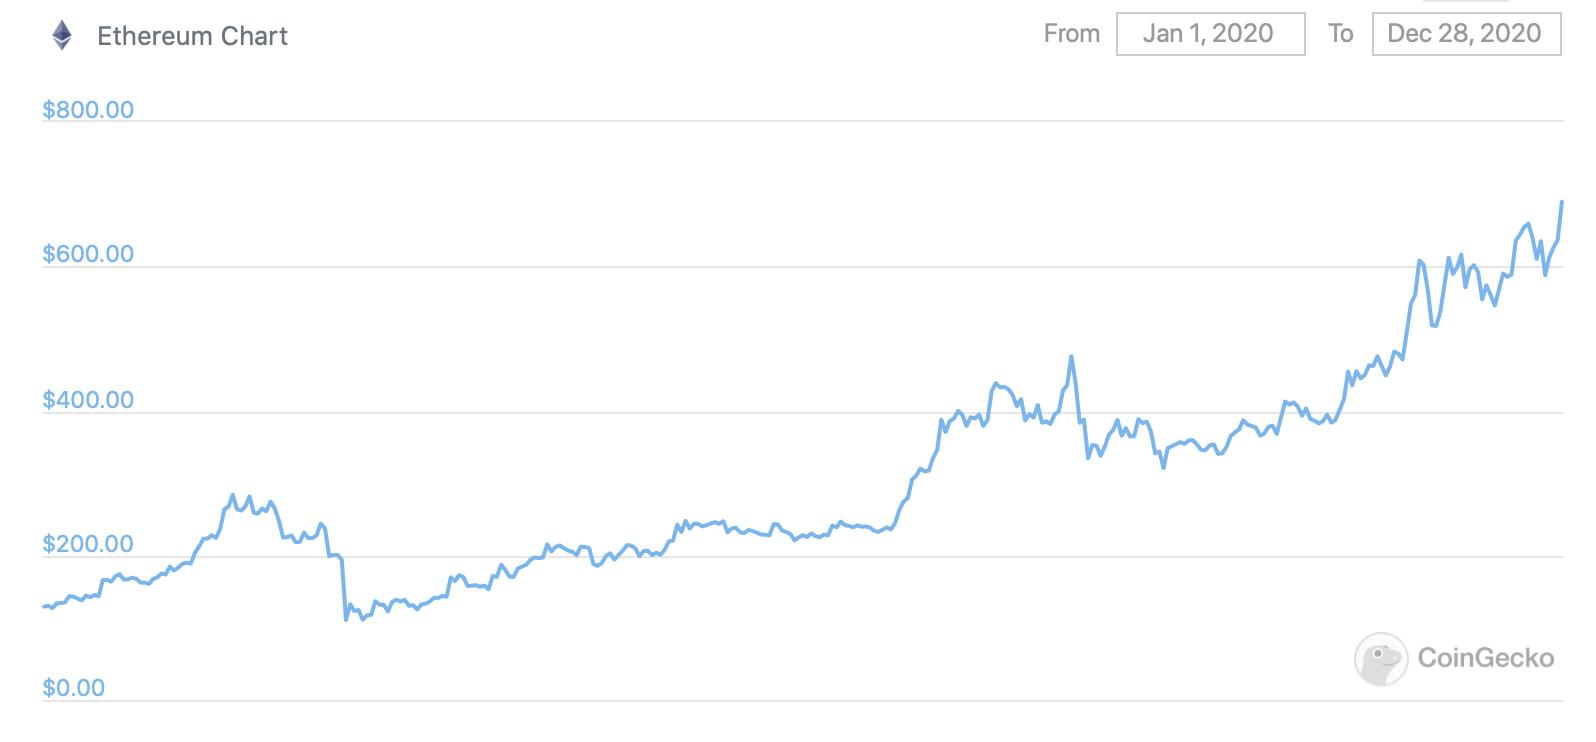 Изменение цены Эфириума  в 2020 году